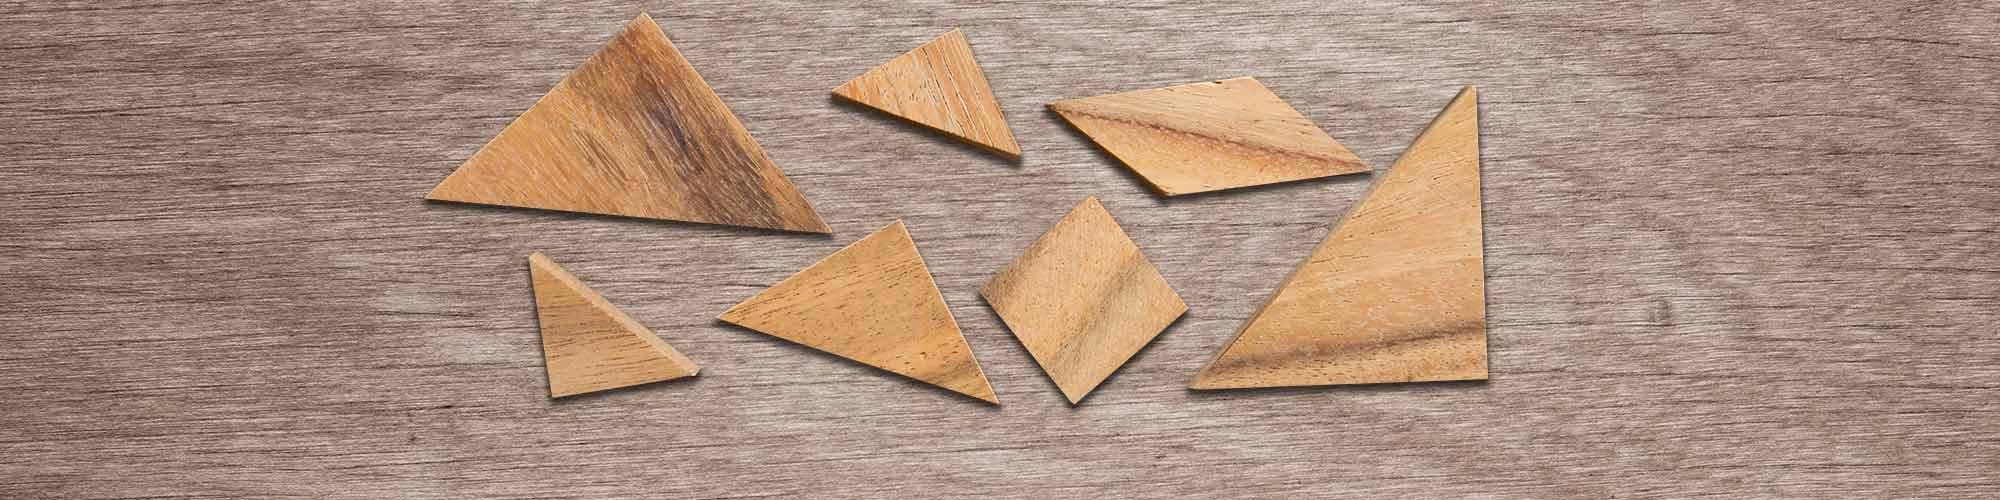 Tangram Steine liegen ungeordnet auf einer Holzplatte